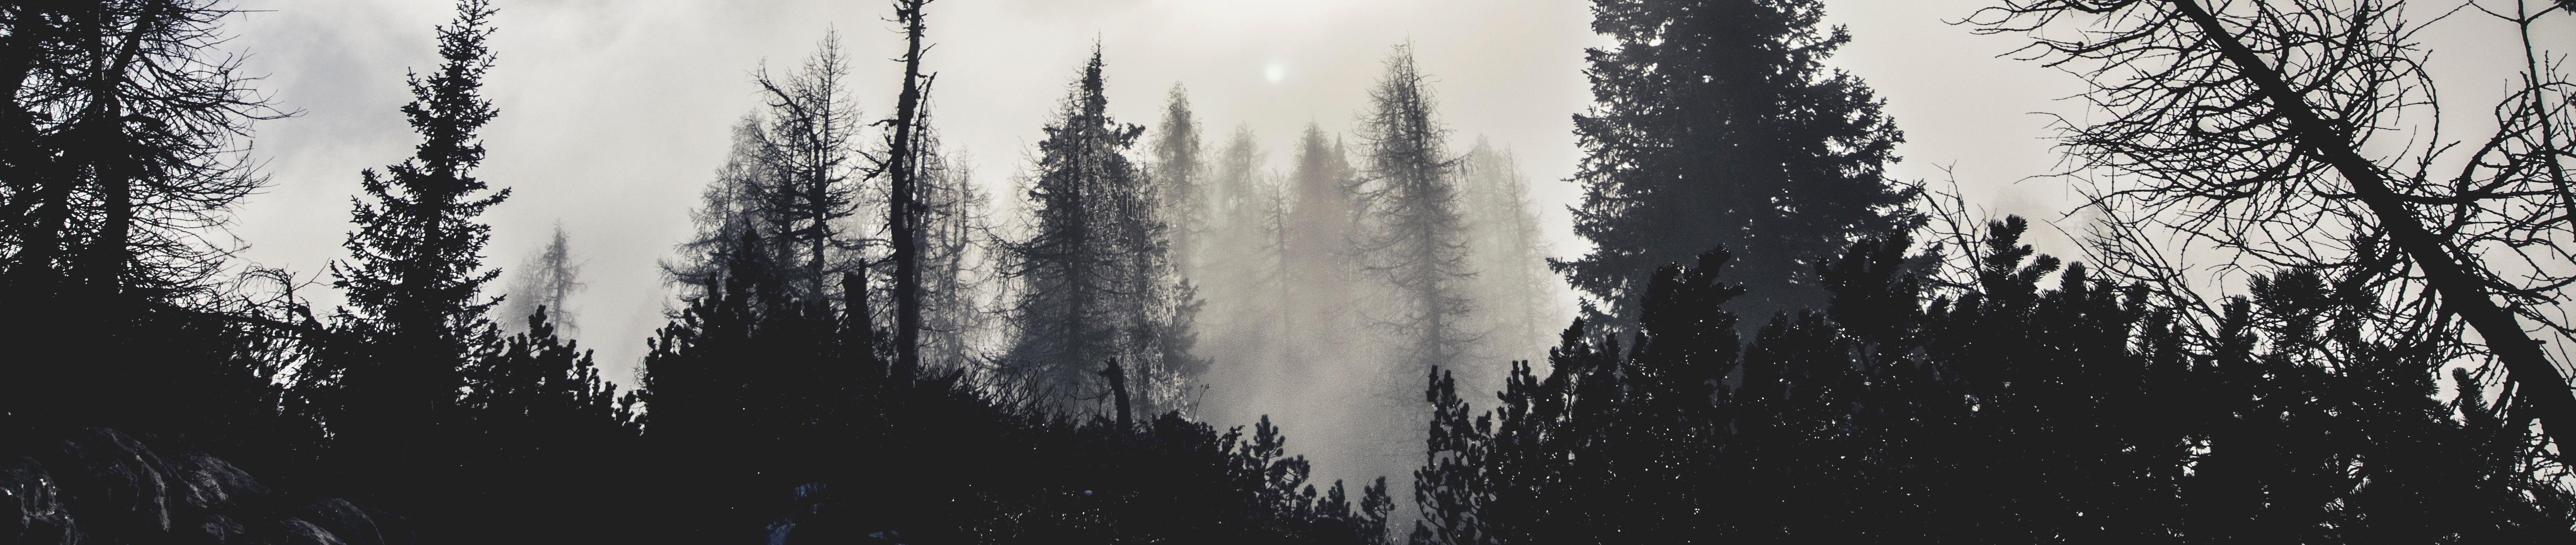 En halvdød skov i tåge